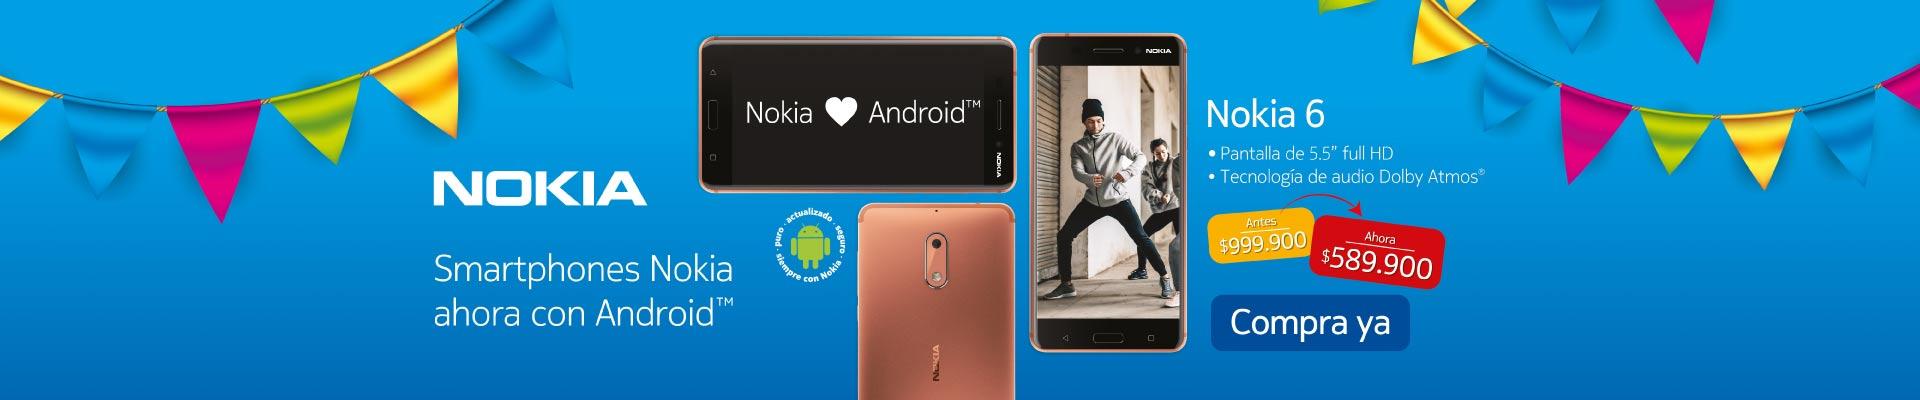 AK-PPAL-12-celulares-PP-EXP-Nokia-6-Ago18